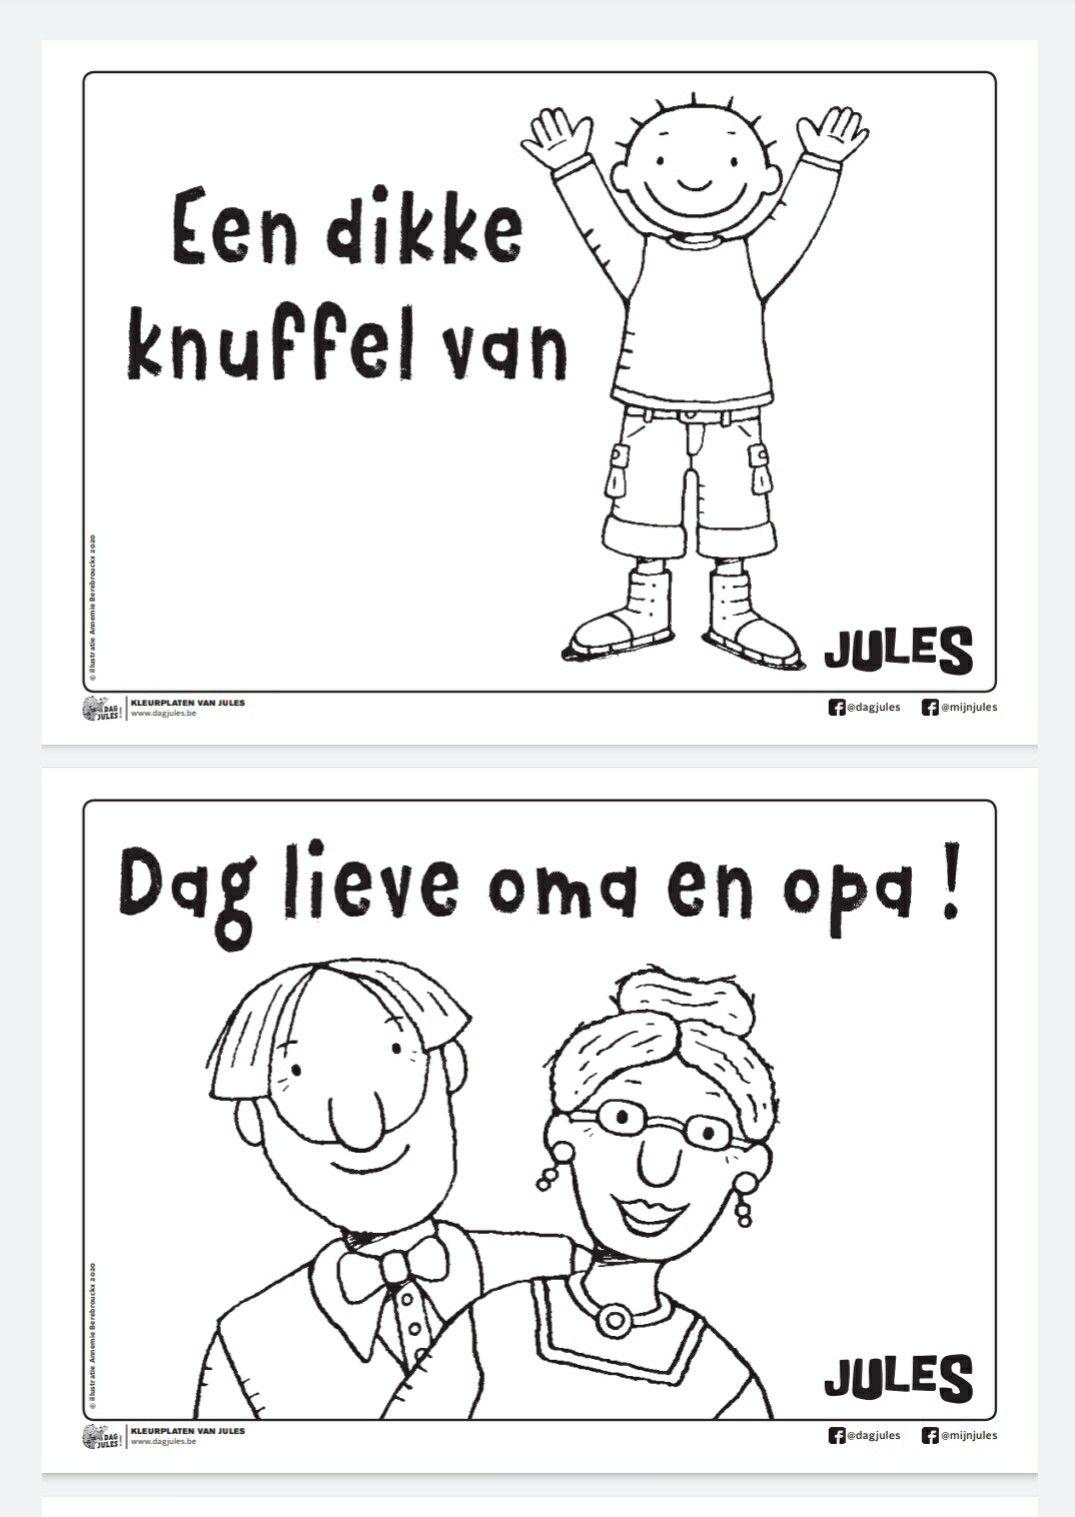 Pin Van Linda Debel Op Grootouders Knutselen Opa En Oma Grootouders Kleuterklas